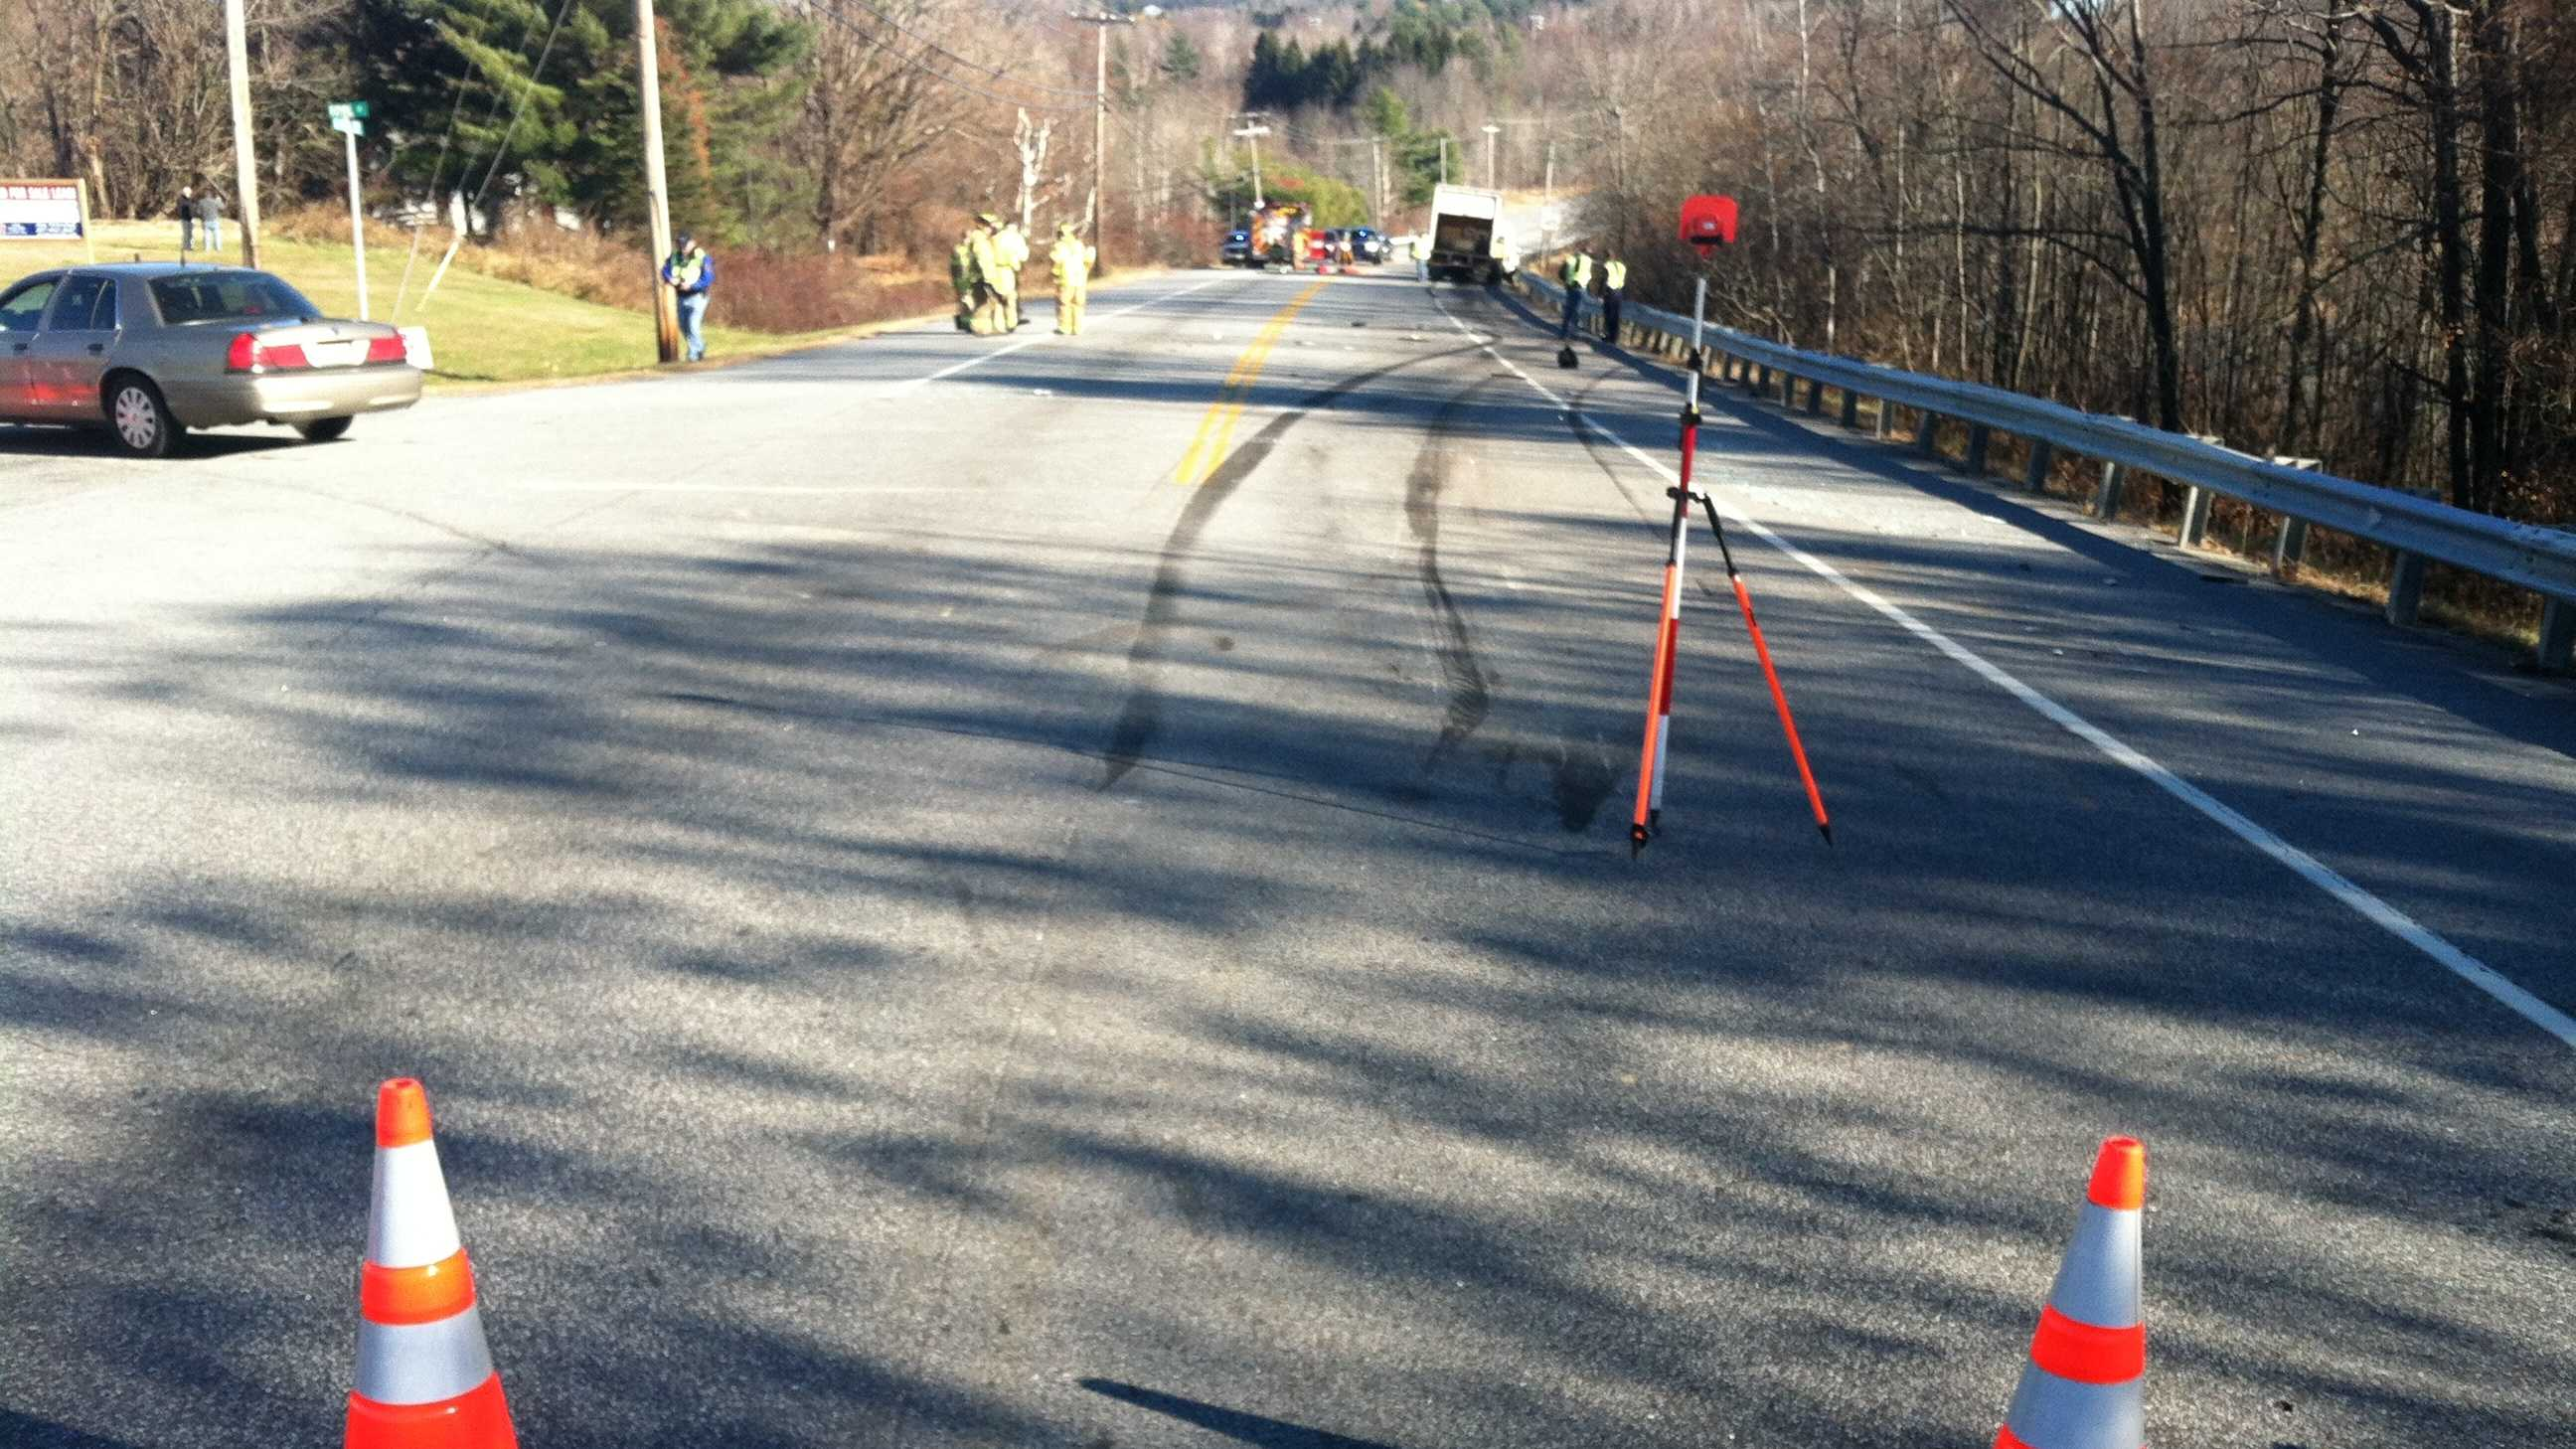 Winthrop fatal crash